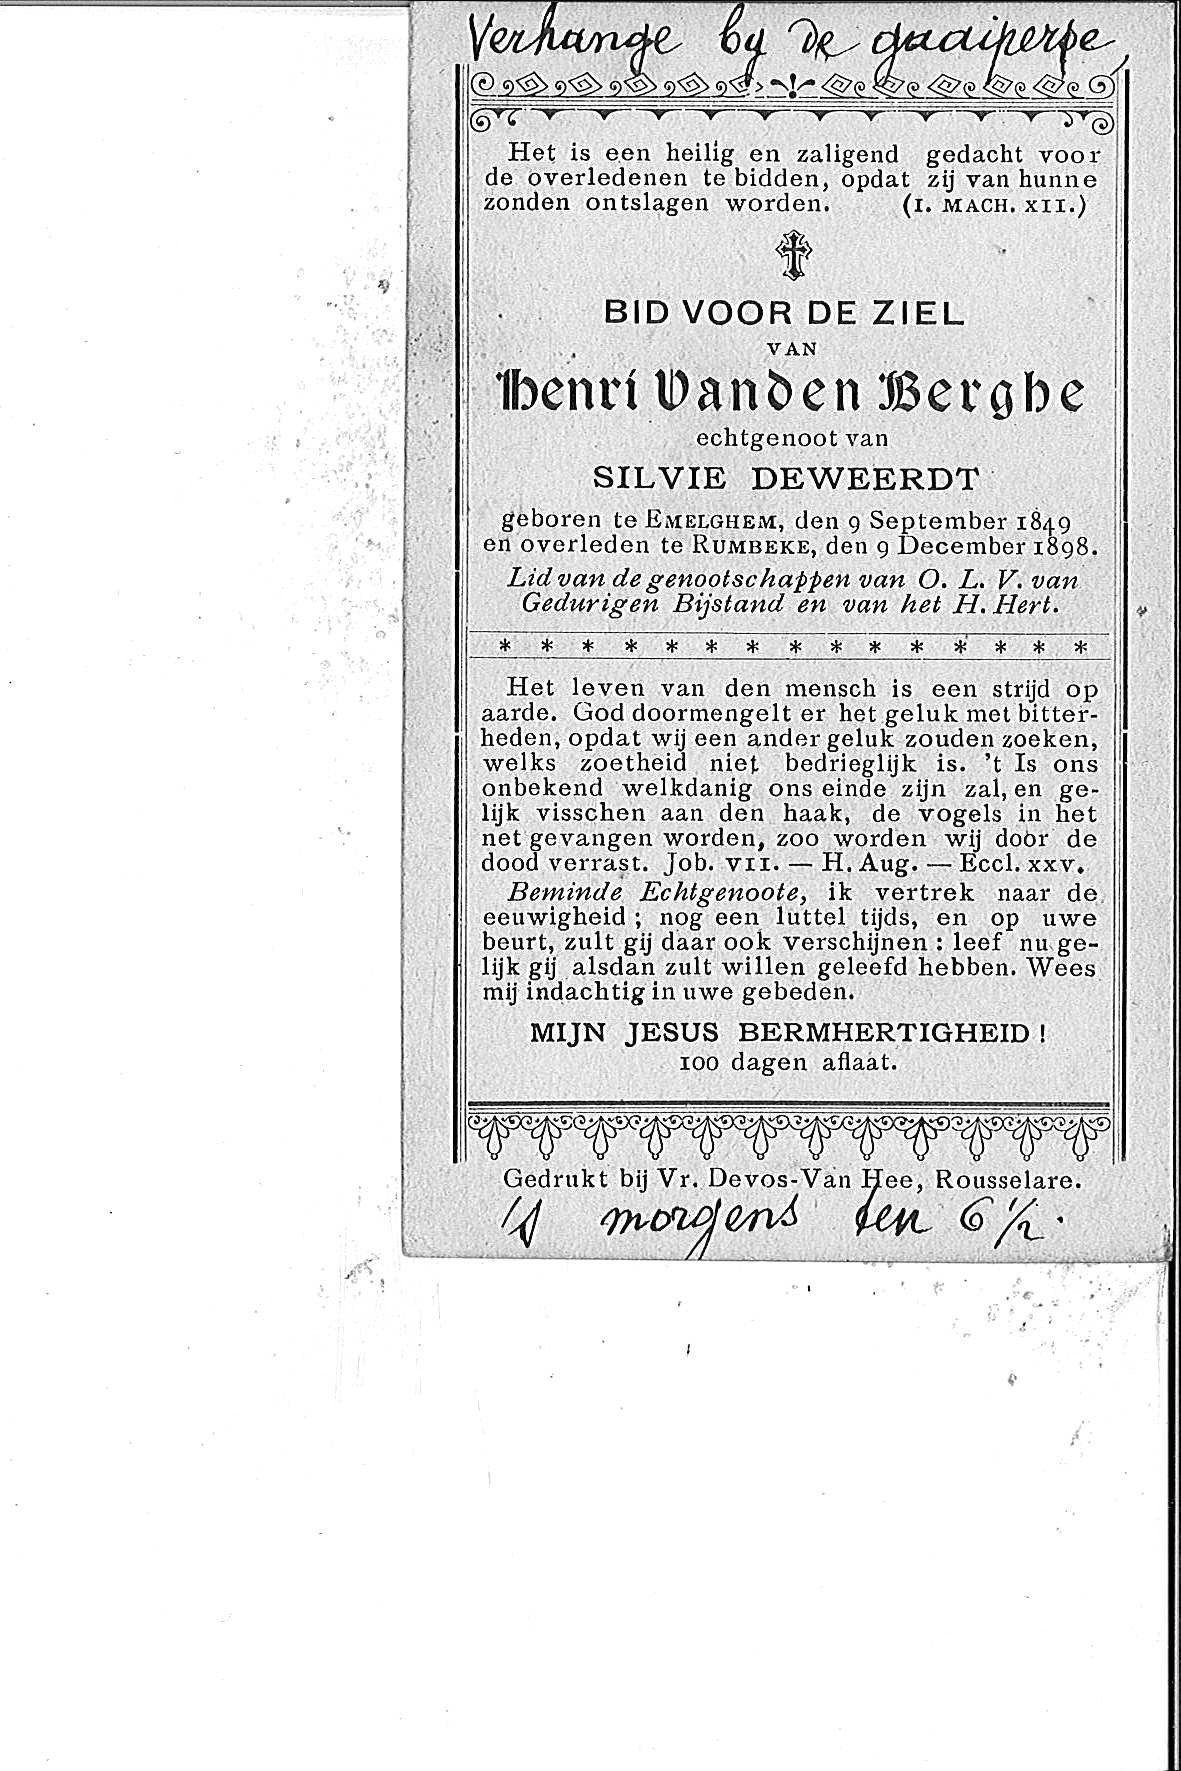 Henri(1898)20150730131418_00064.jpg